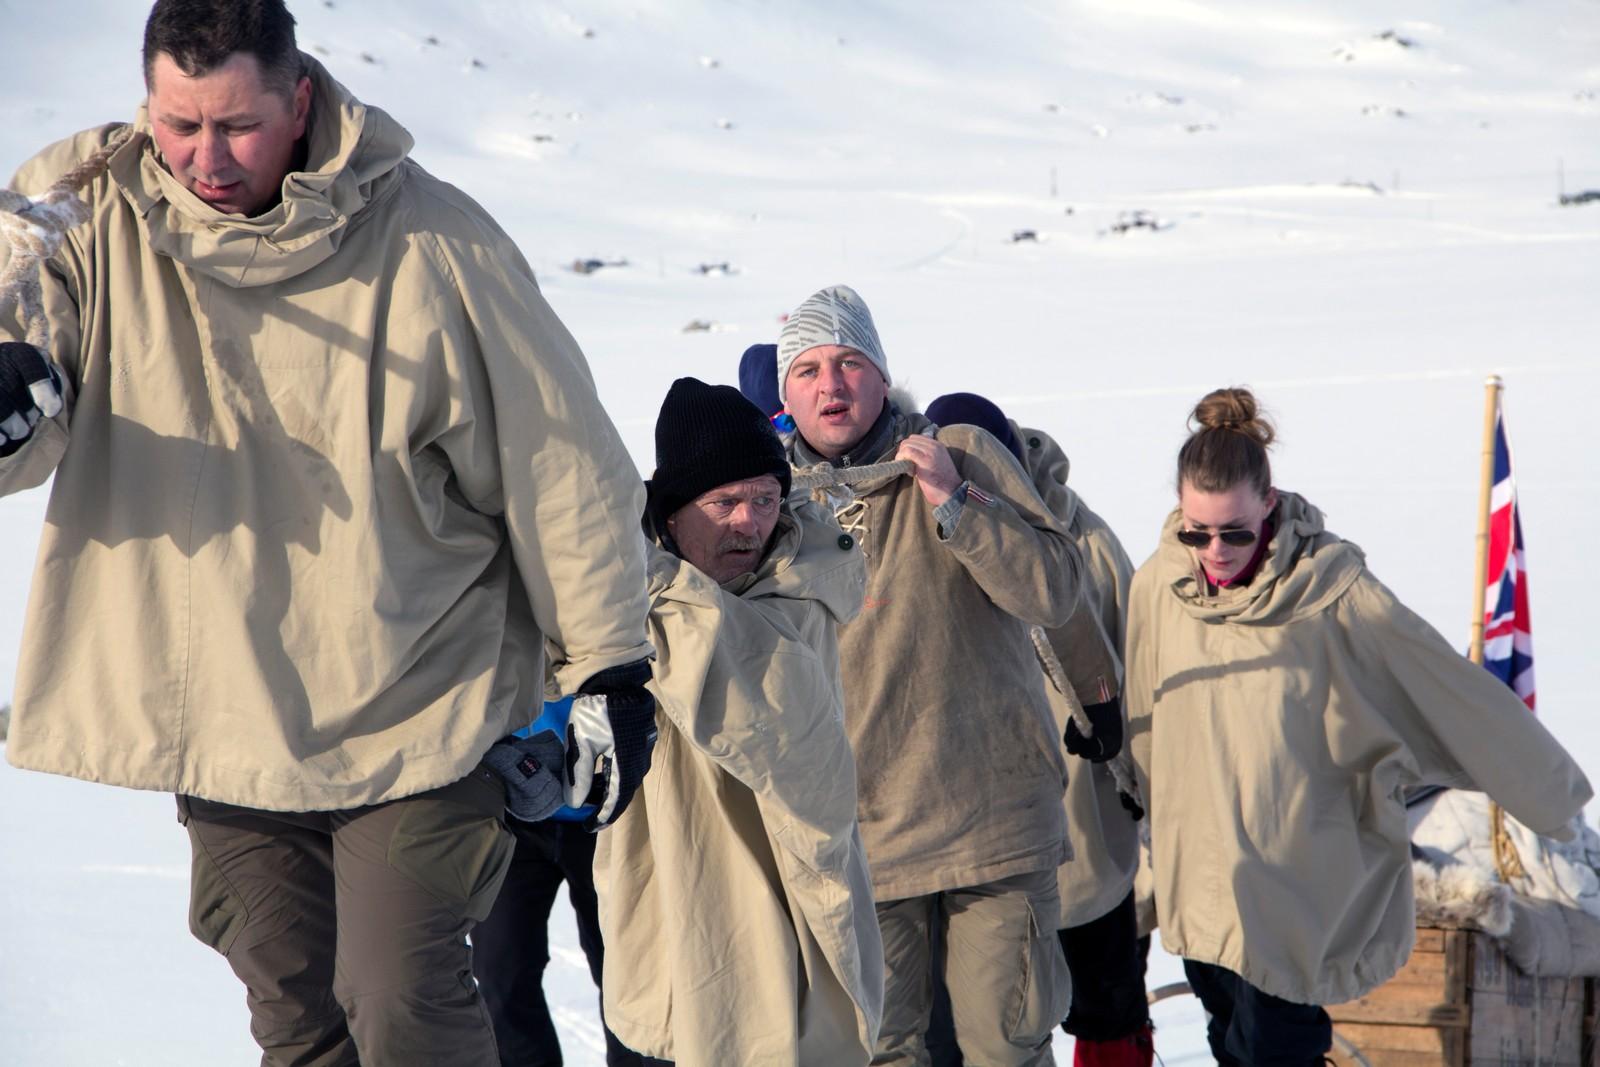 Ingeniørfirmaet Tor Eide AS har tatt med 29 av sine ansatte på «teambuilding» til Finse.